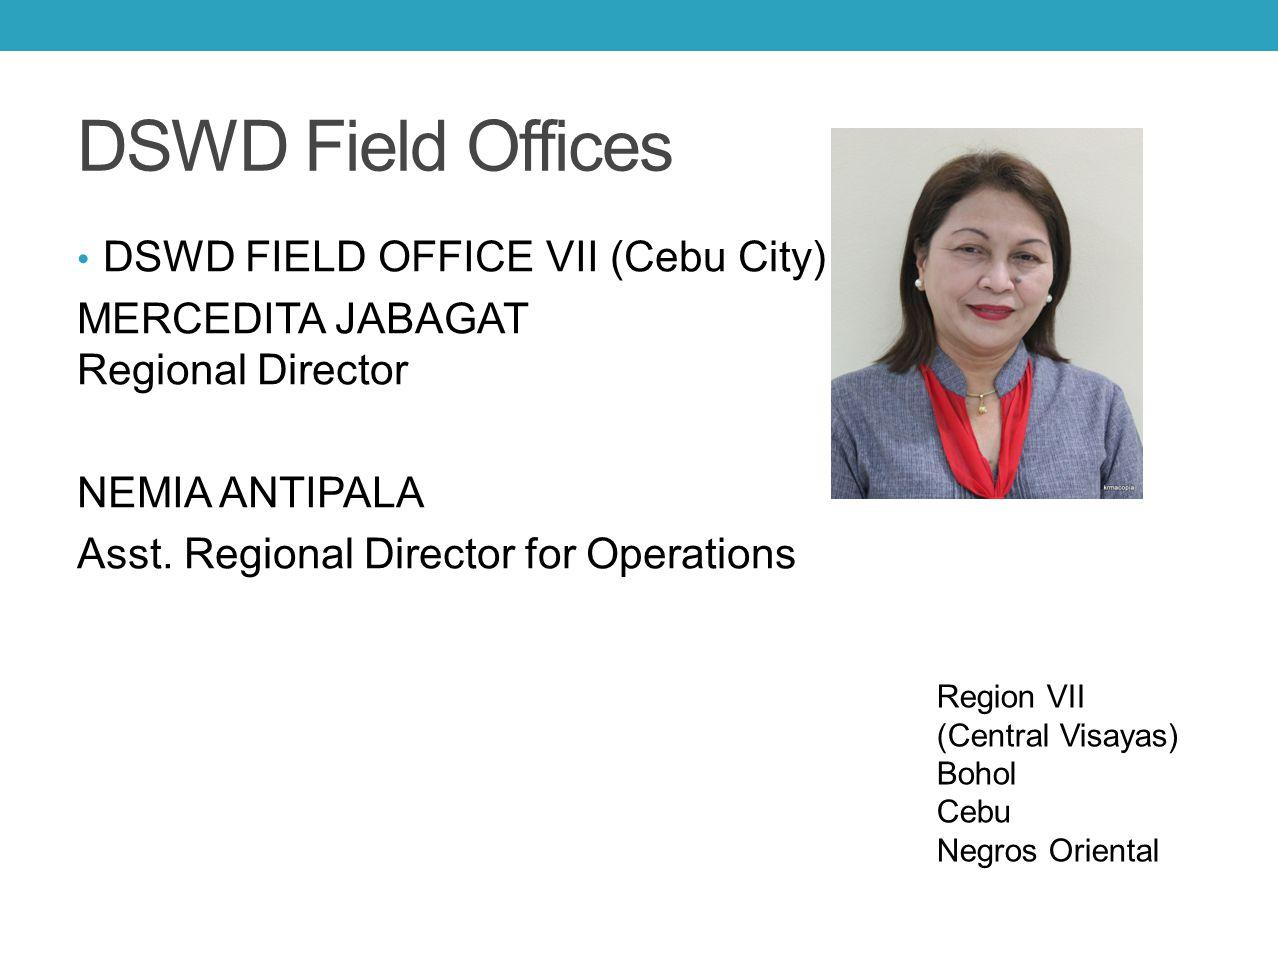 DSWD Field Offices DSWD FIELD OFFICE VII (Cebu City)